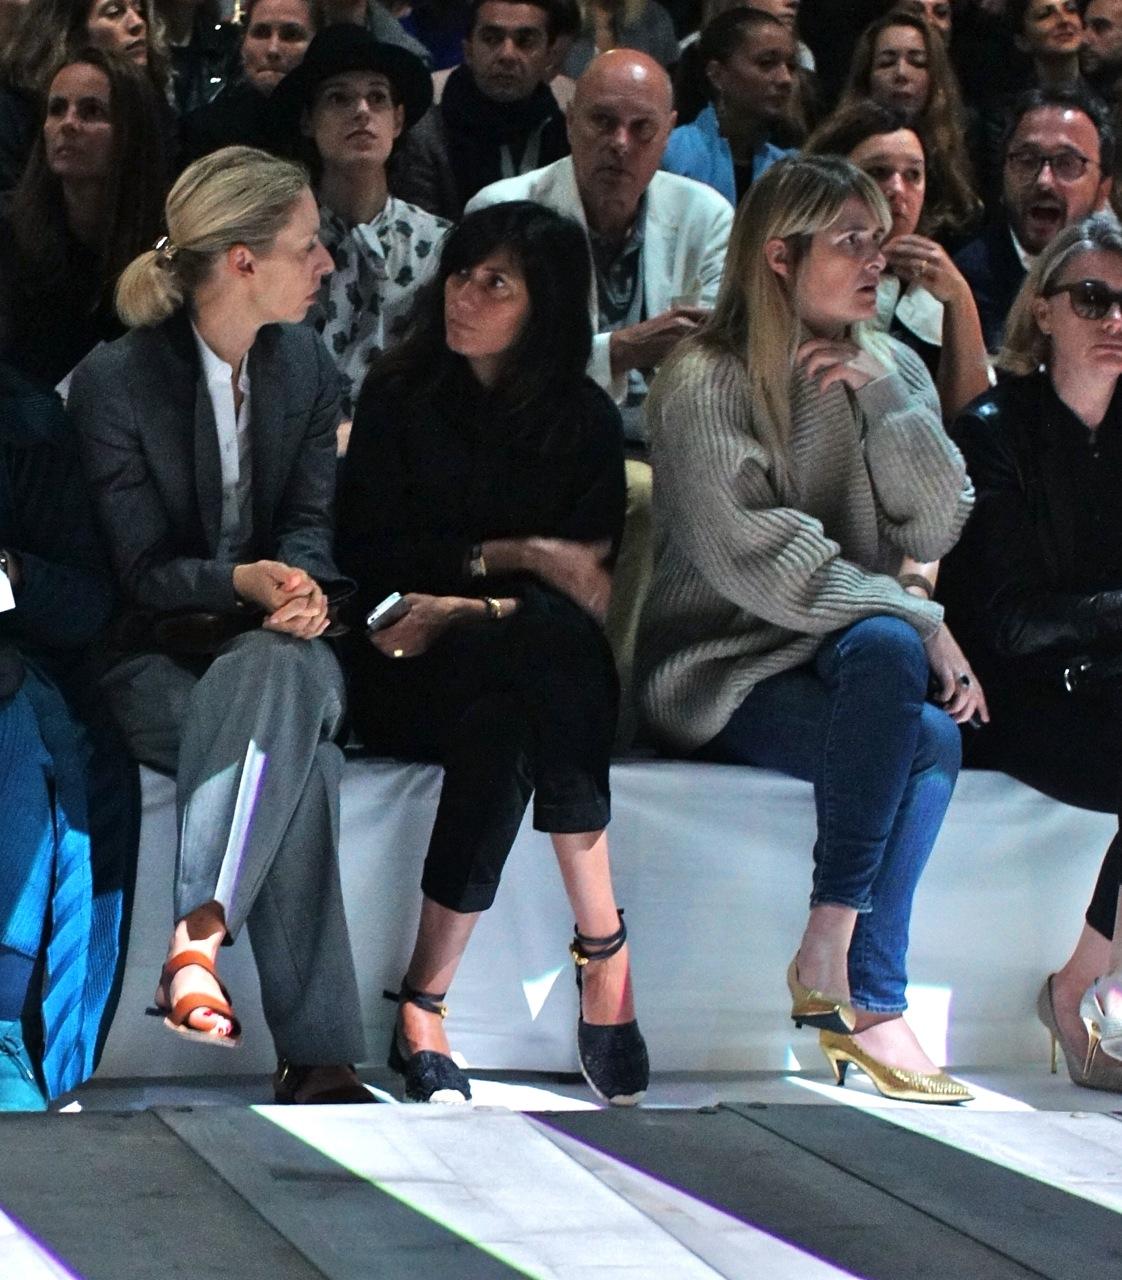 A editora da Vogue França, Emanuelle Alt, também adere aos sapatos baixos com a sua espadrilha chiea de charme.  Ela até colocou uma tornozeleira.  Adorei!